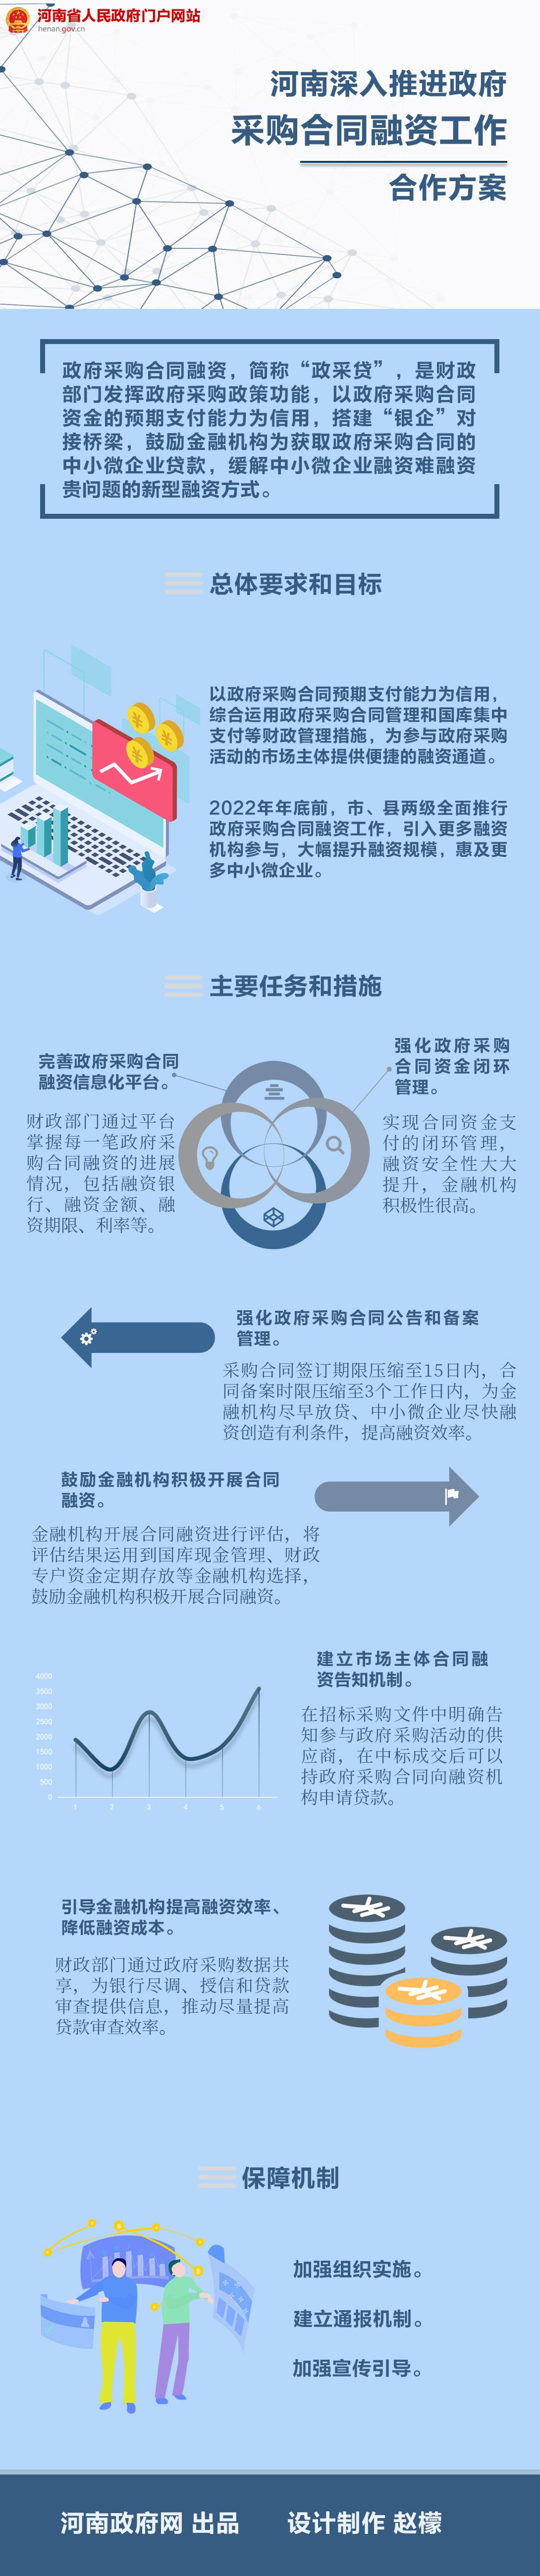 图解:河南省深入推进政府采购合同融资工作